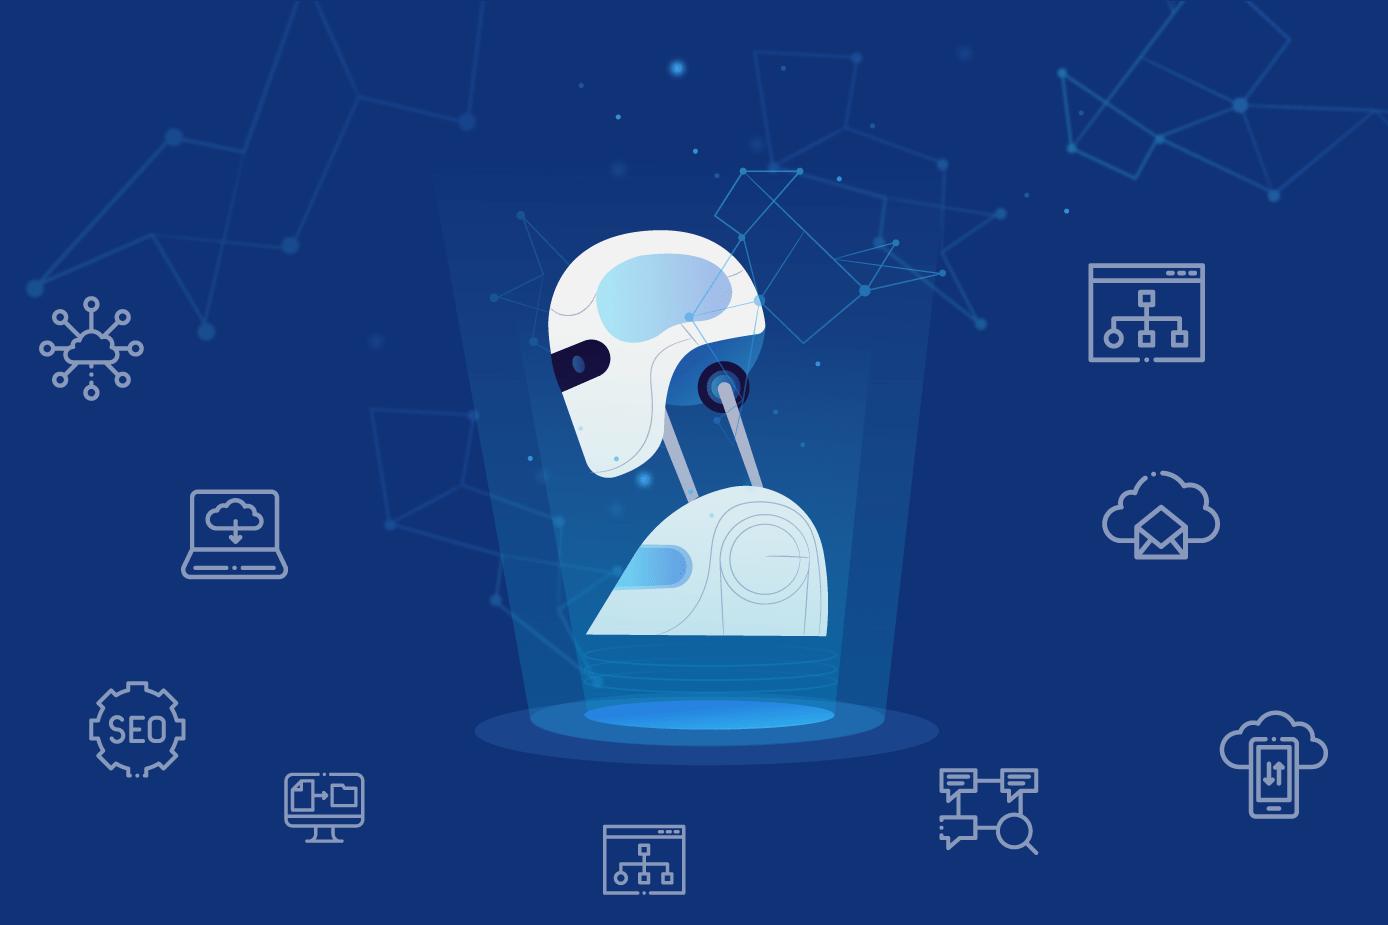 L'intelligenza artificiale eliminerà via il 96% dei Lavori